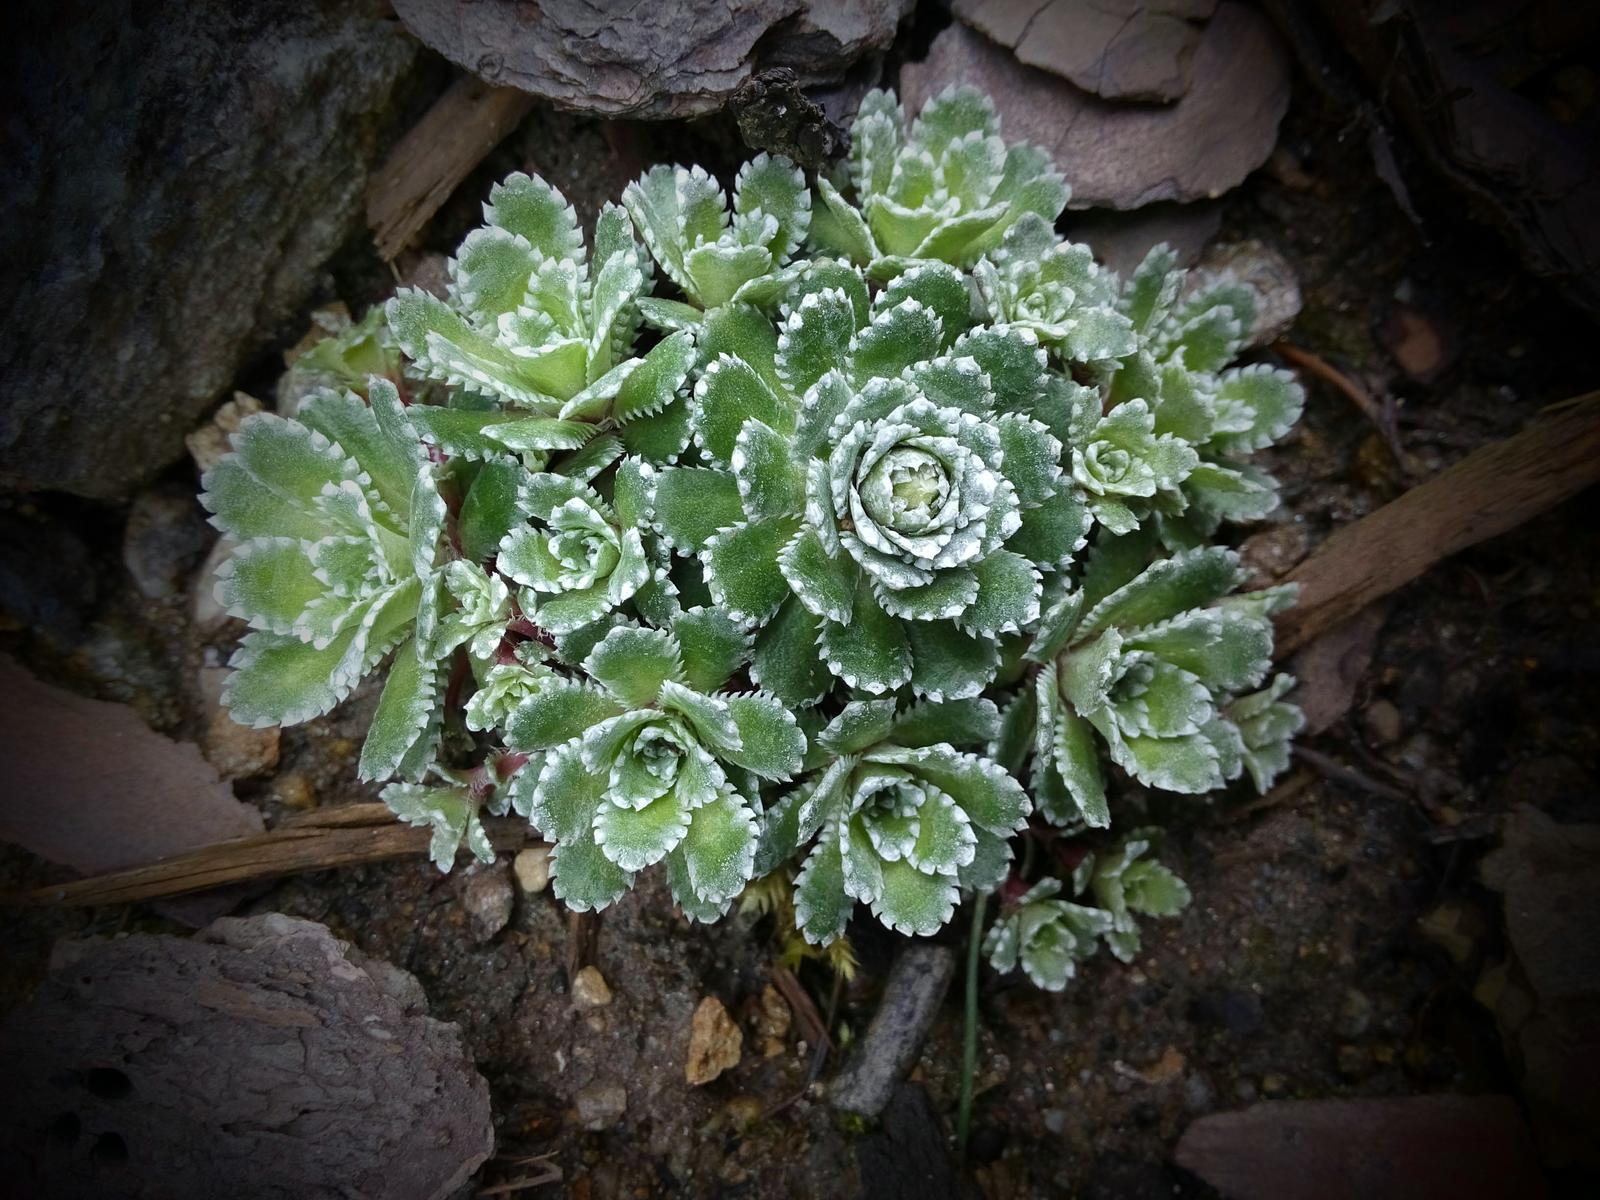 Moje skalničky a zahrádka - Lomikamen zelenostribrny